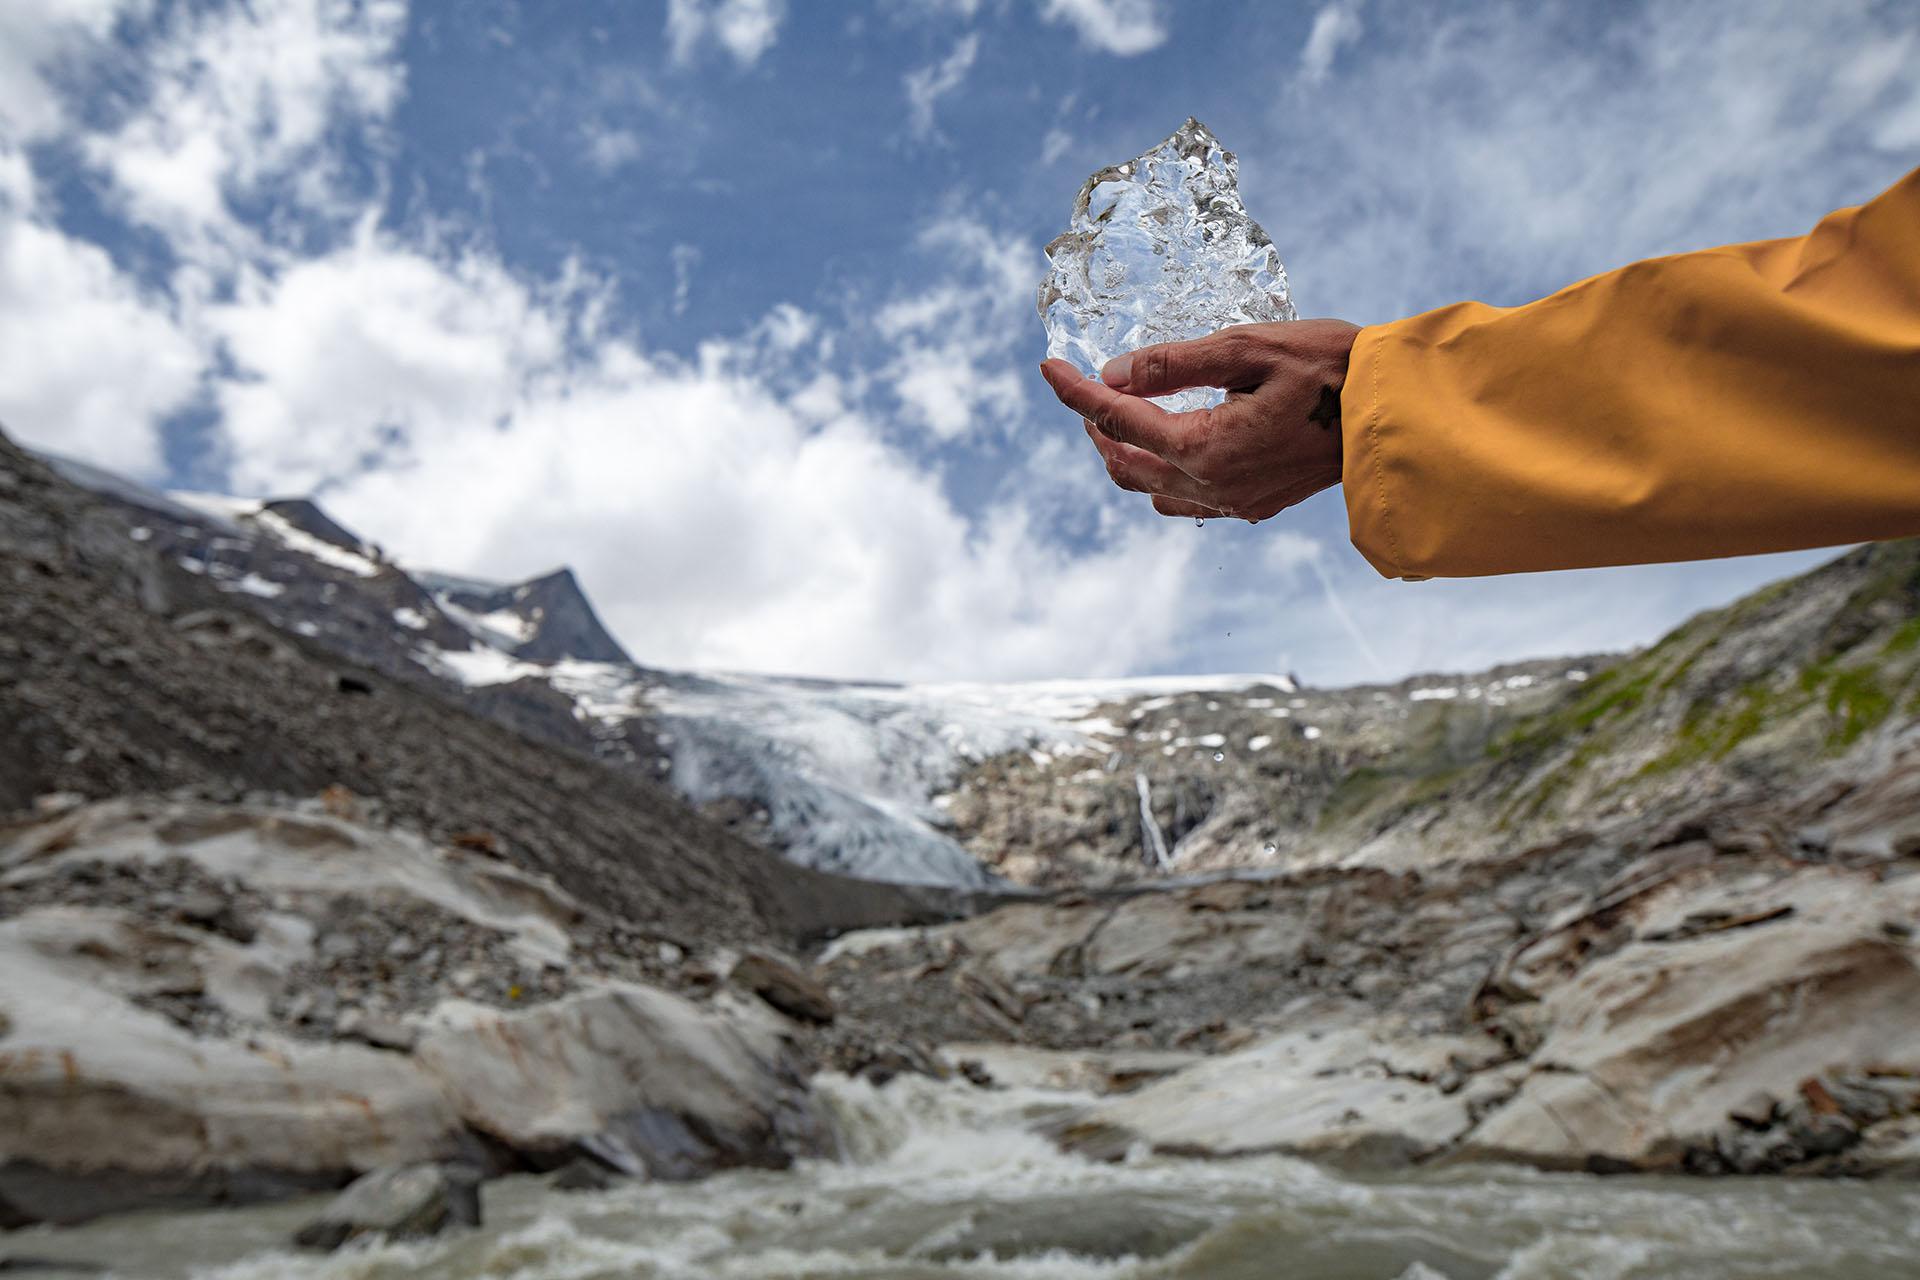 Durchschnittlich gab es in der Saison 2016/17 in Tirol einen Rückgang von -25,2 Längenmetern der Gletscherzungen.